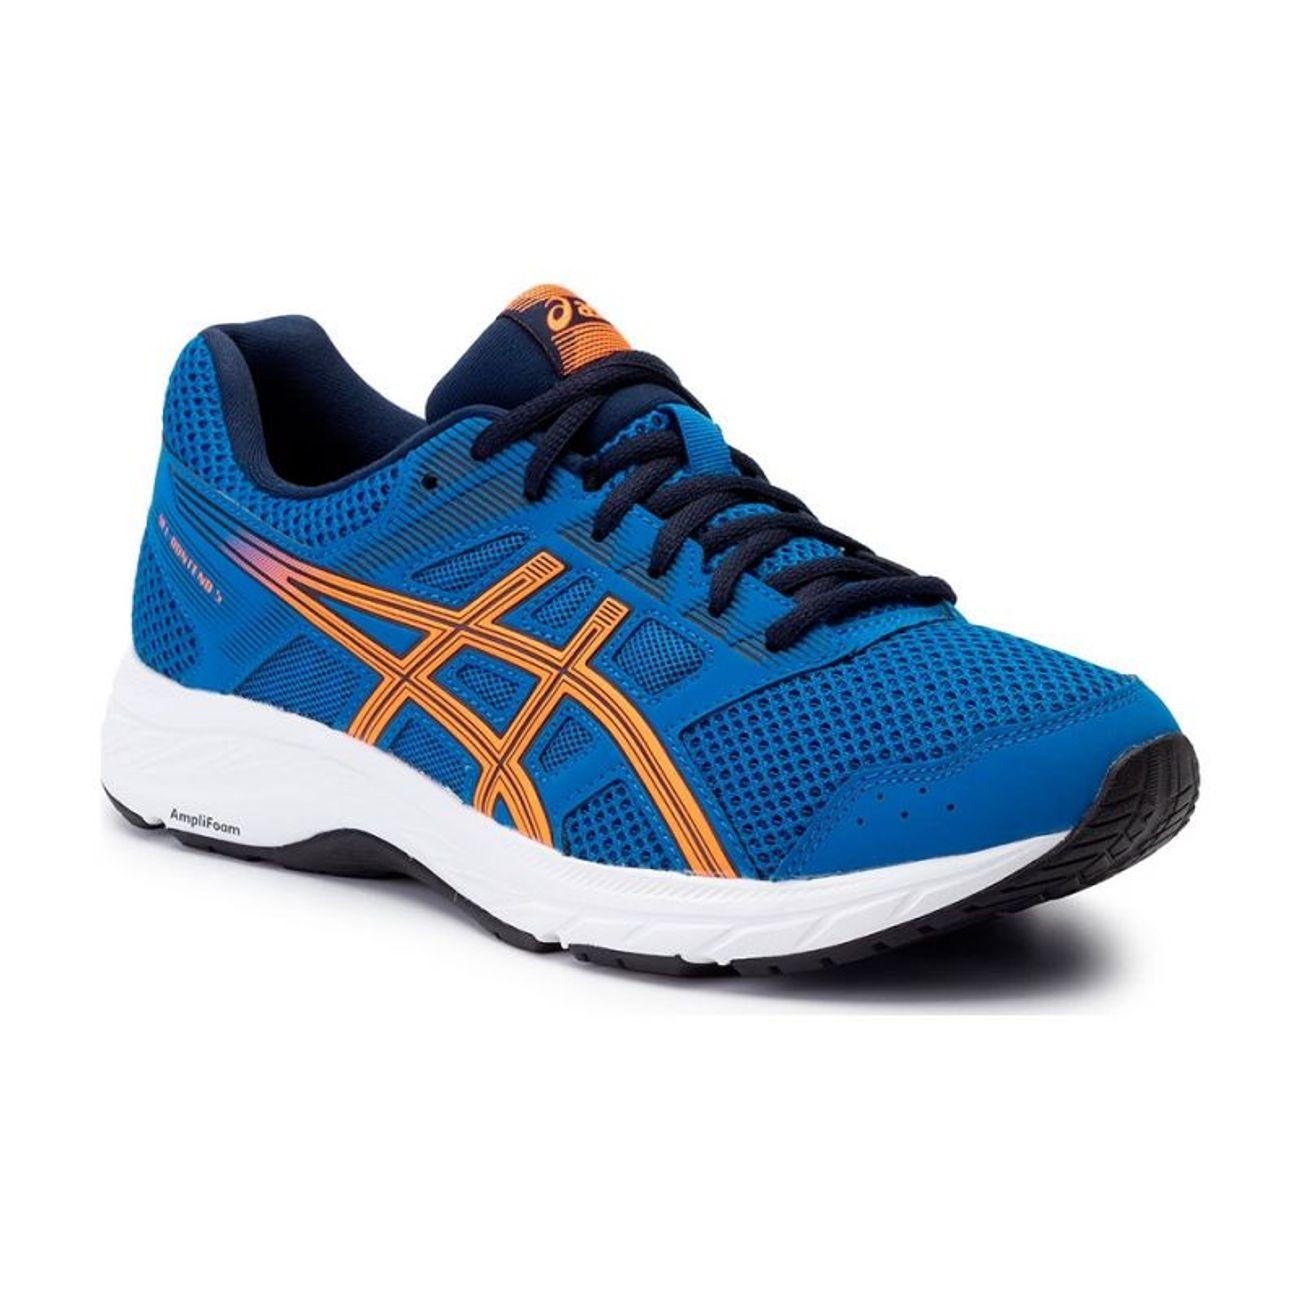 404 Gel Running Contend 5 Naranja Asics Adulte Azul 1011a256 AR5jL4